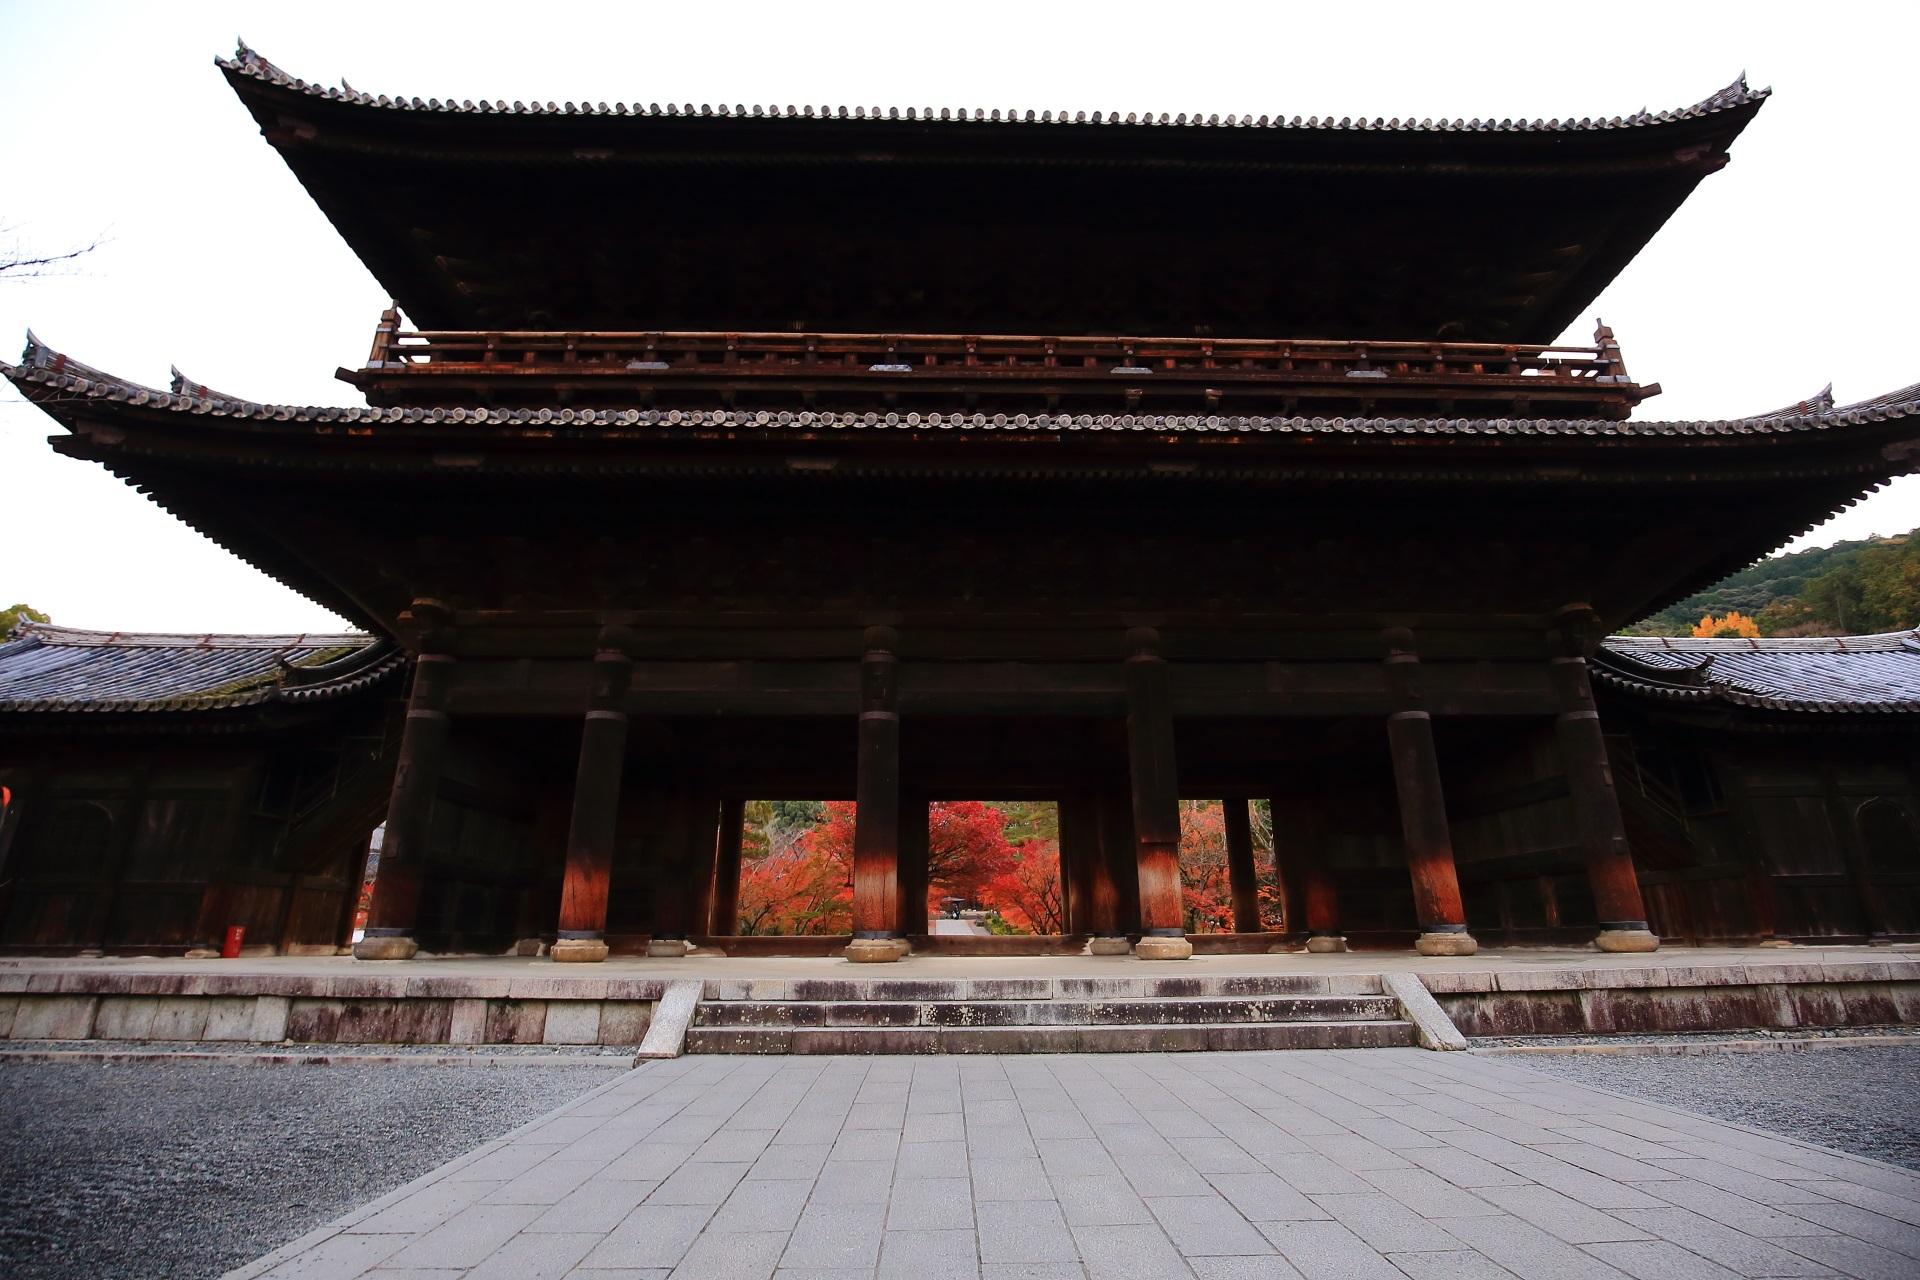 南禅寺の雄大な三門と奥に見える紅葉